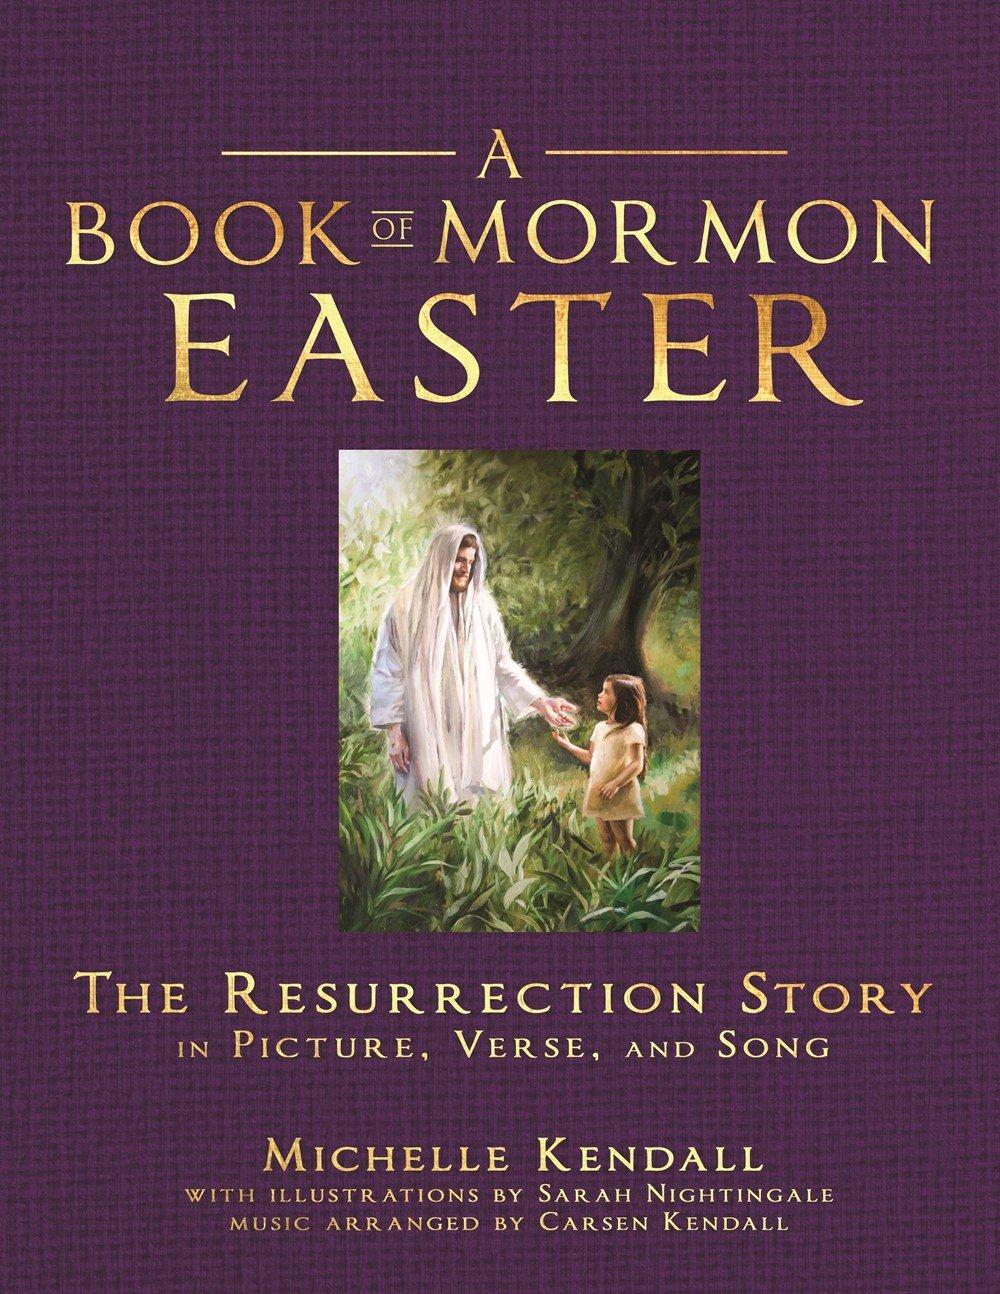 A Book of Mormon Easter